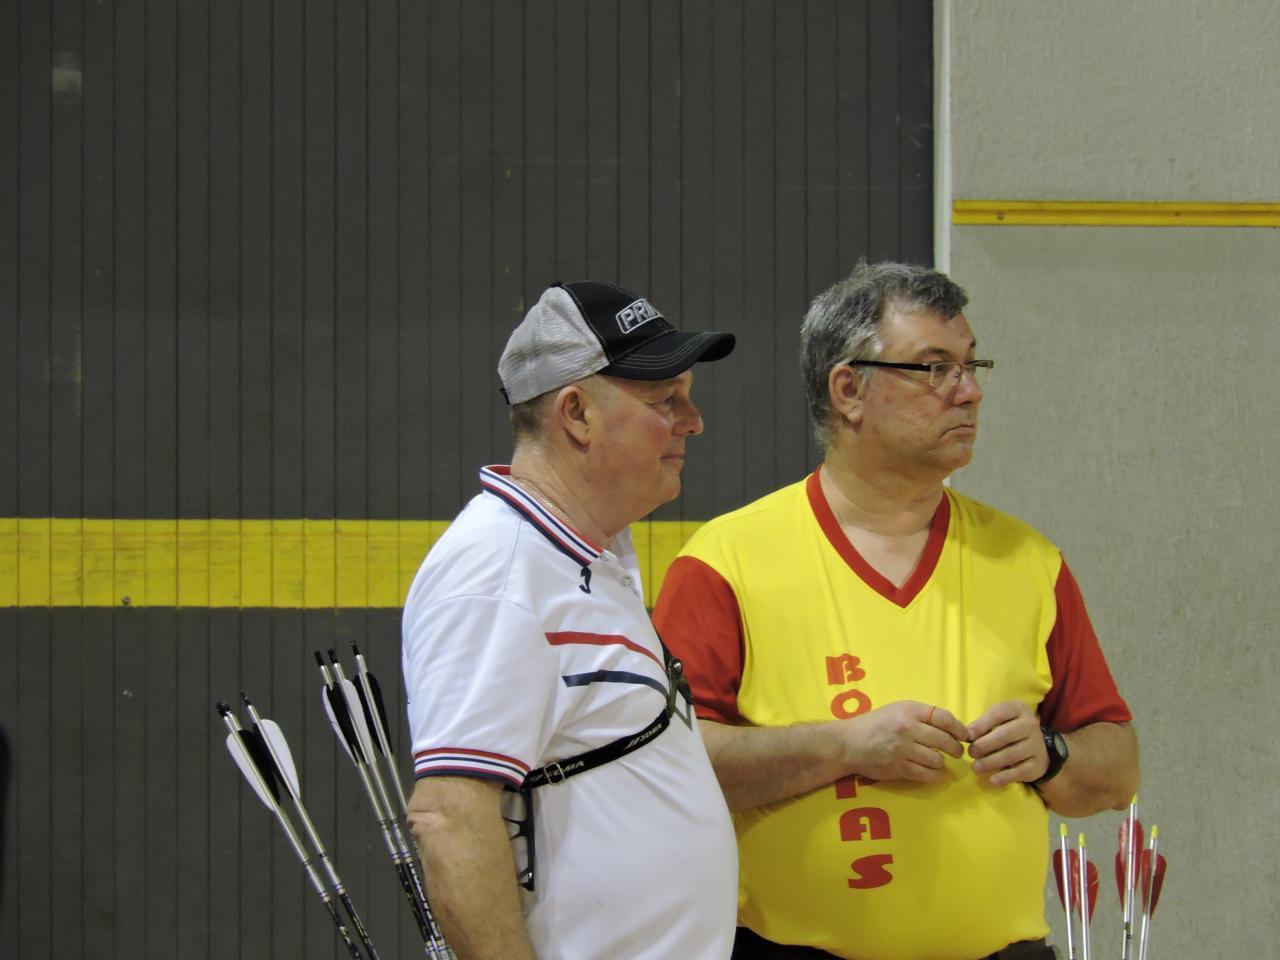 Championnat Ligue salle Frontignan (06/02/16) 4ième!!!